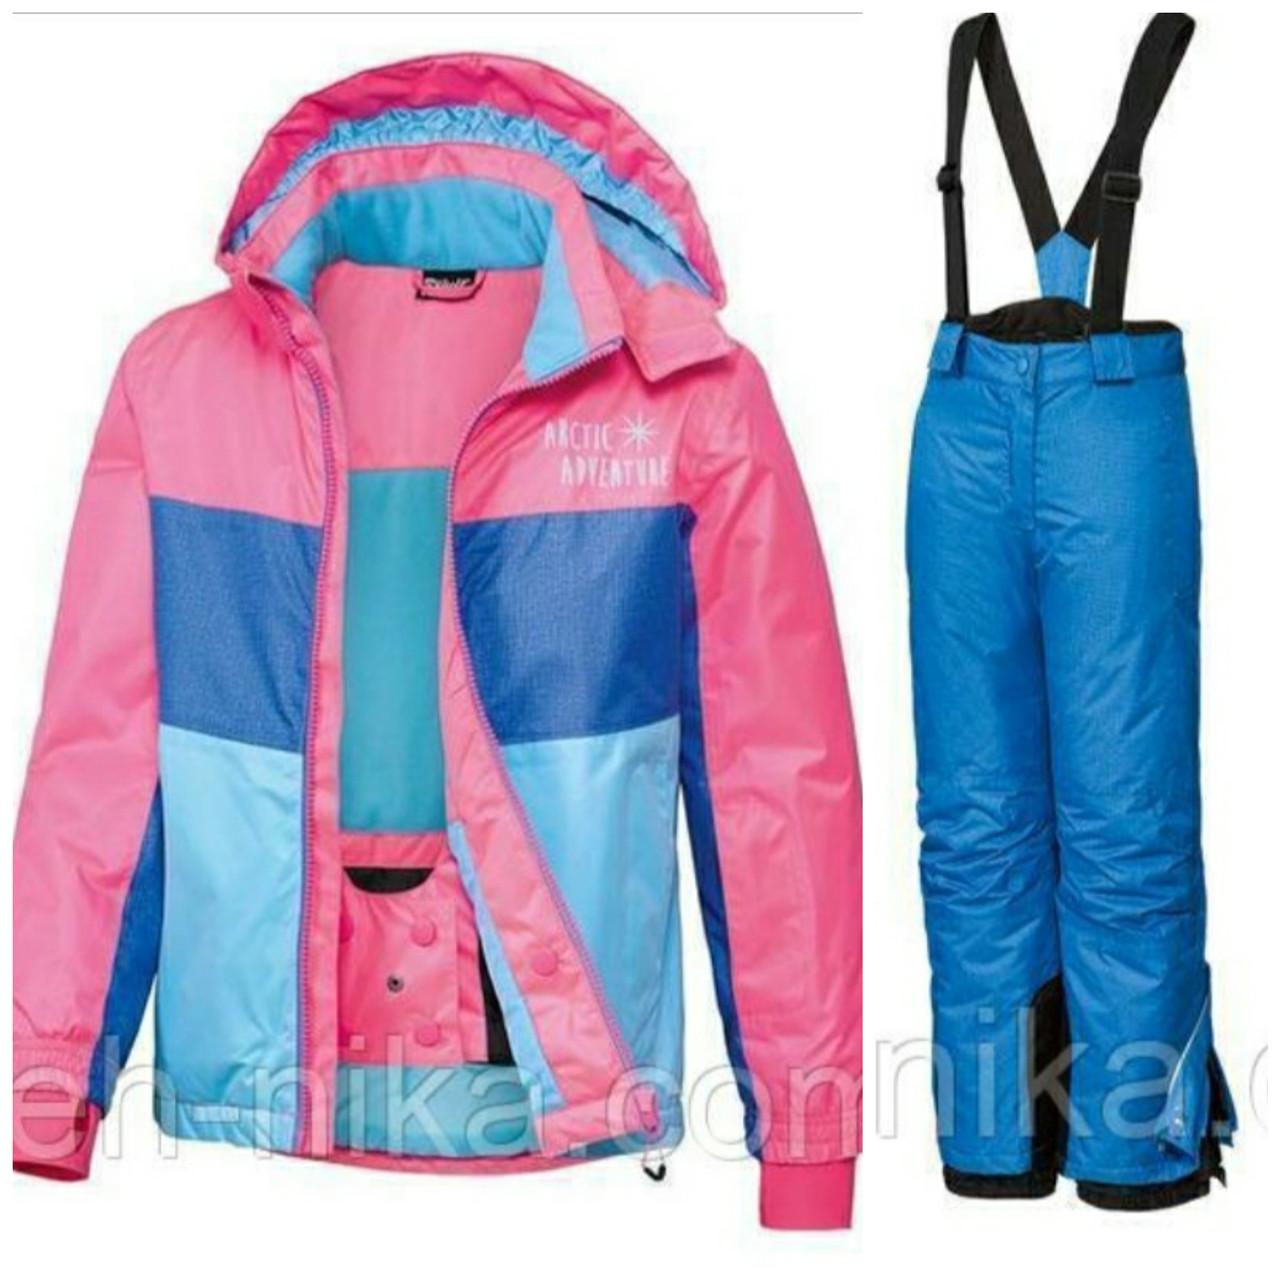 Лыжный костюм для девочки (разноцветная куртка и синие штаны) Crivit р.134/140